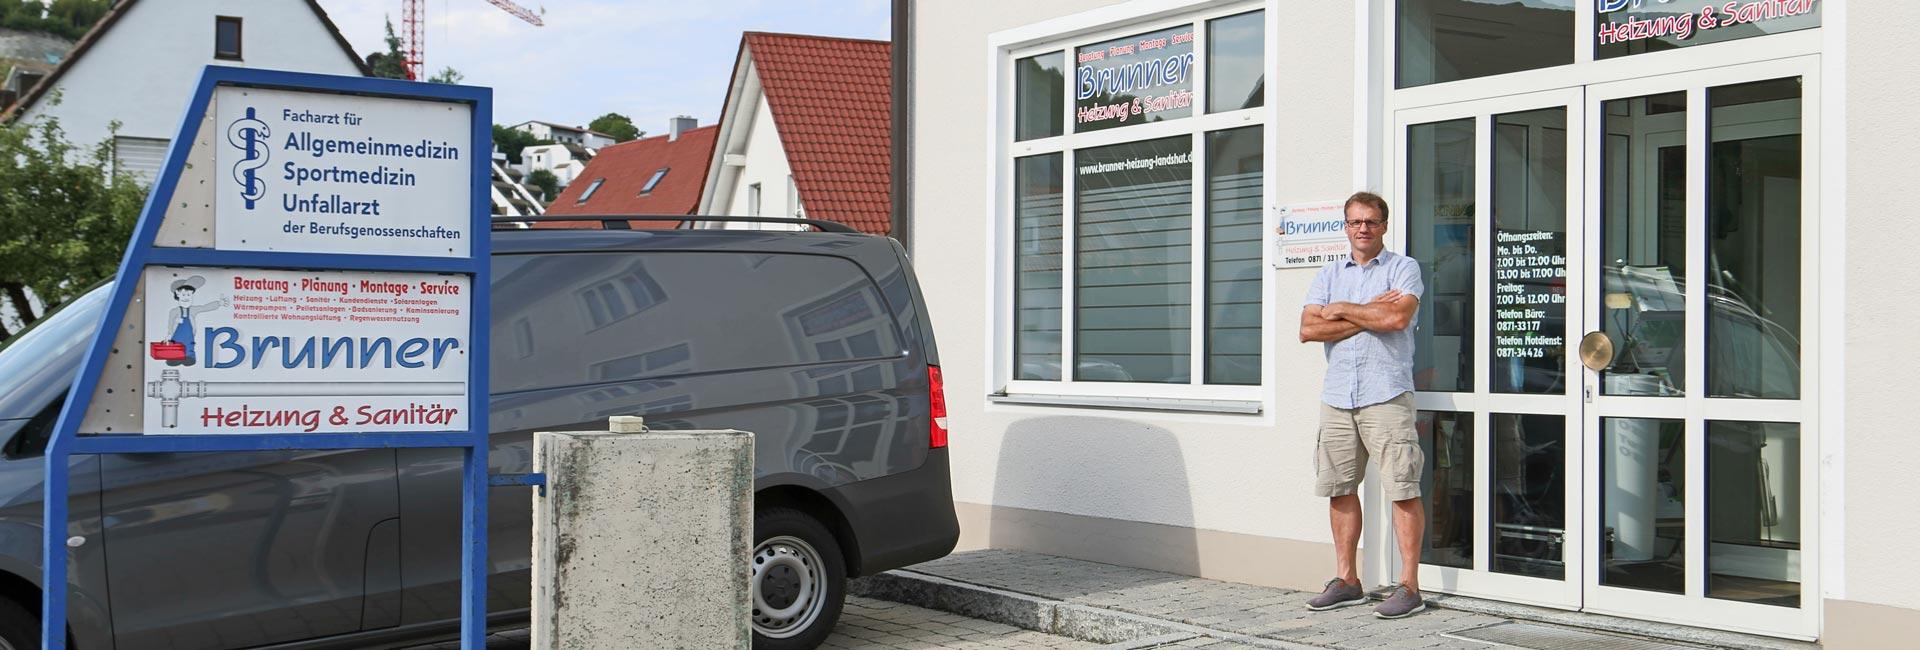 Brunner - Heizung und Sanitär bei Landshut